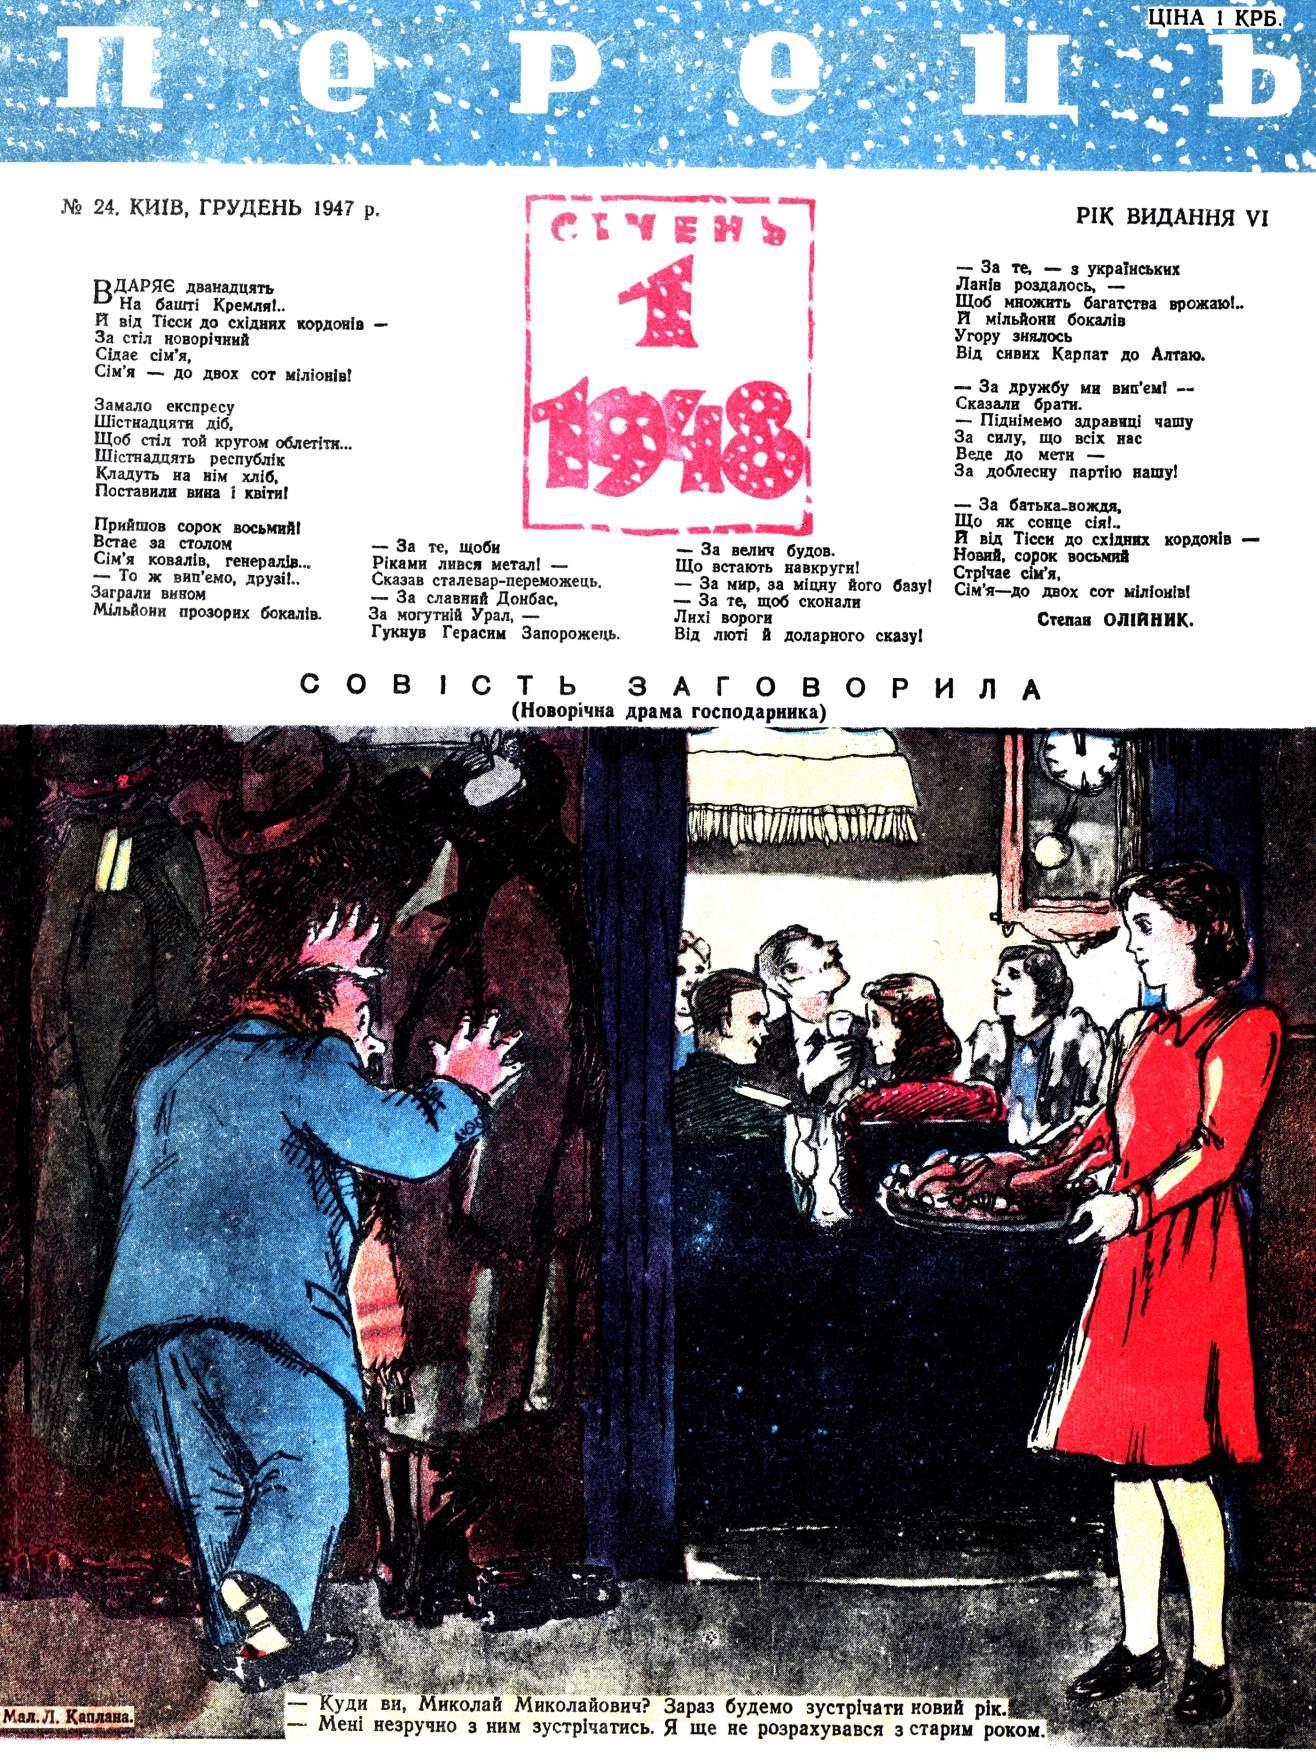 Журнал перець 1947 №24